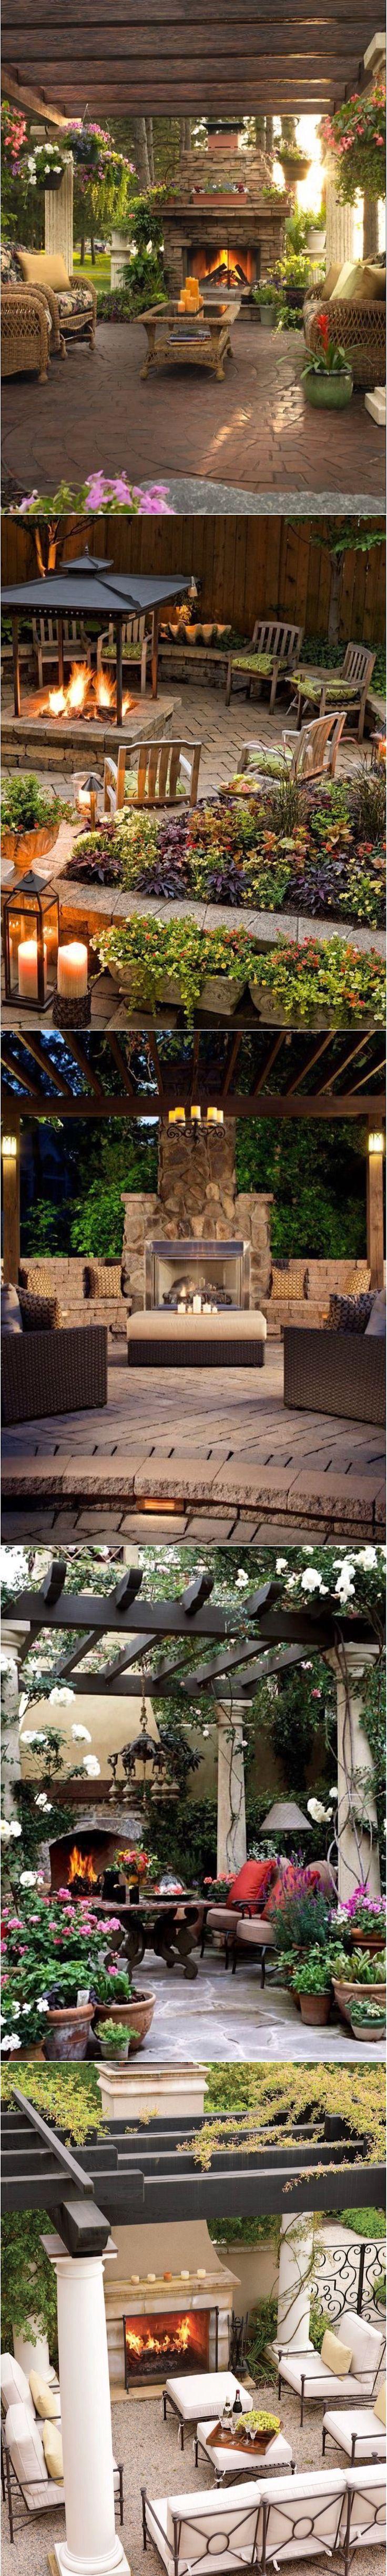 3144 besten Home Decor Bilder auf Pinterest